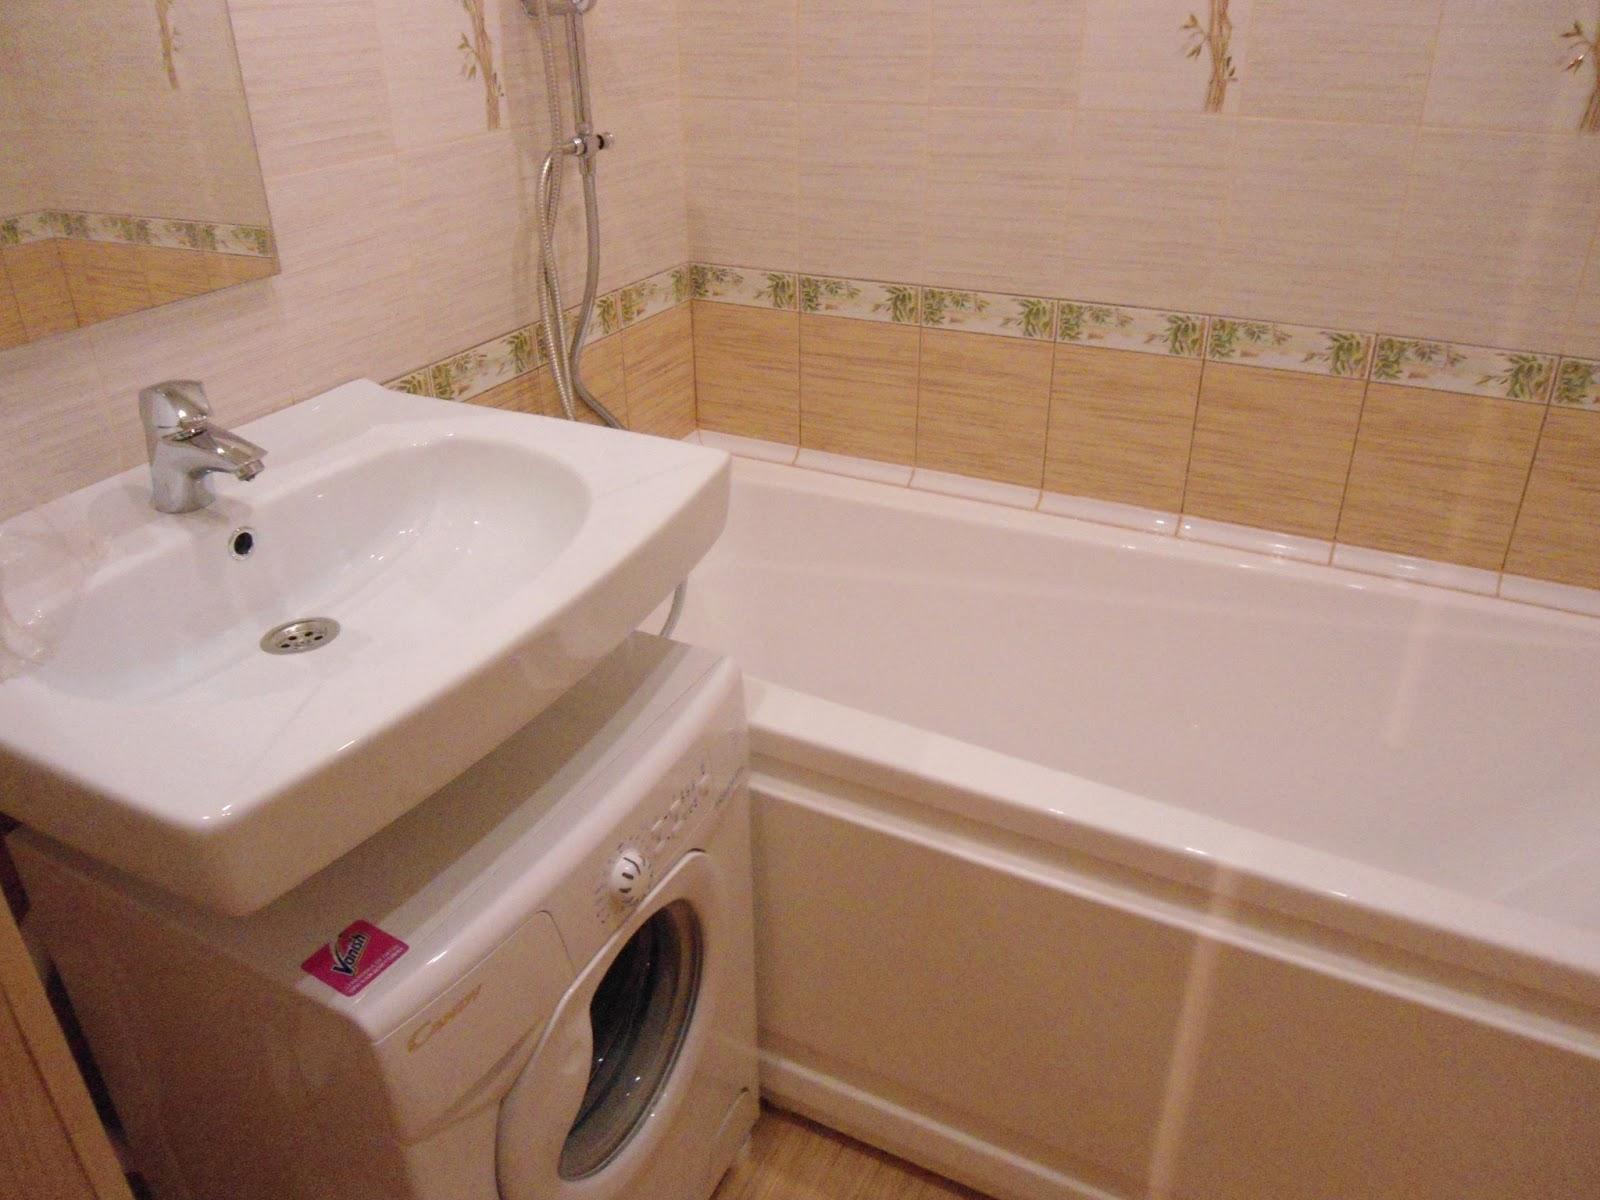 Ремонт квартир в Москве под - цена от 2999р за